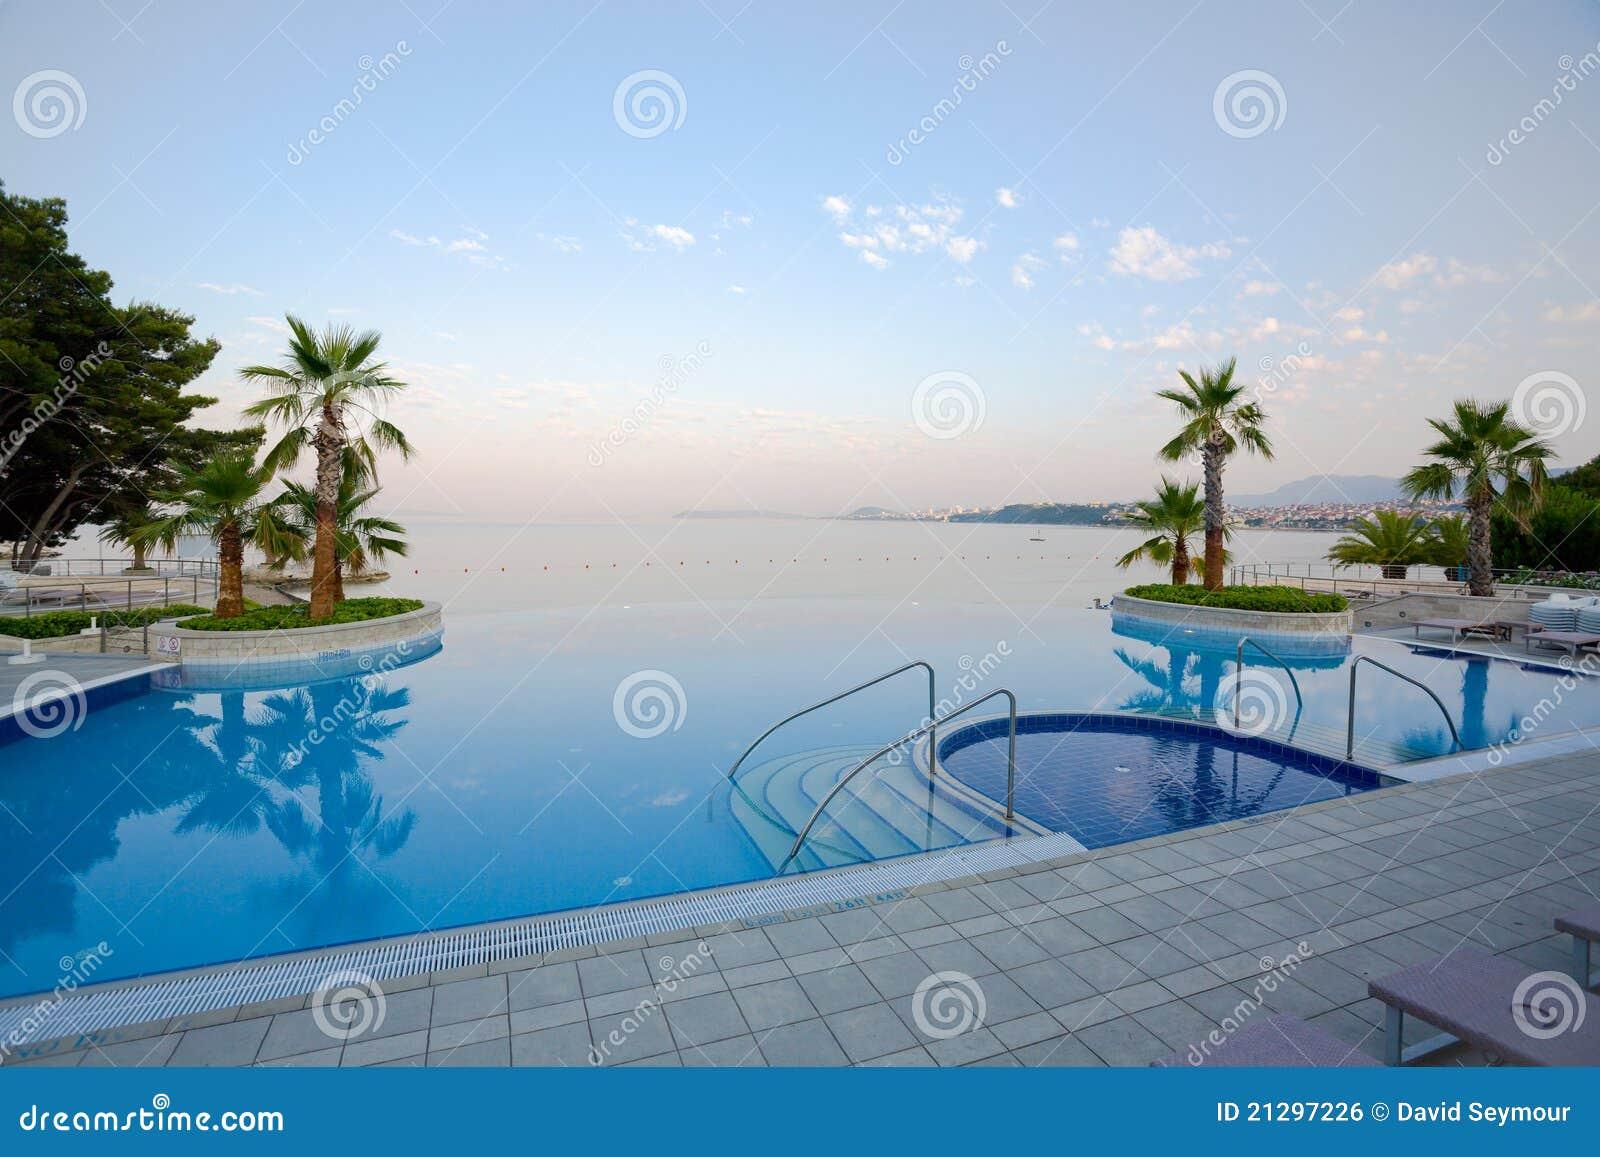 Piscina de lujo del infinito con la opini n imponente del mar imagen de archivo libre de - Business plan piscina ...